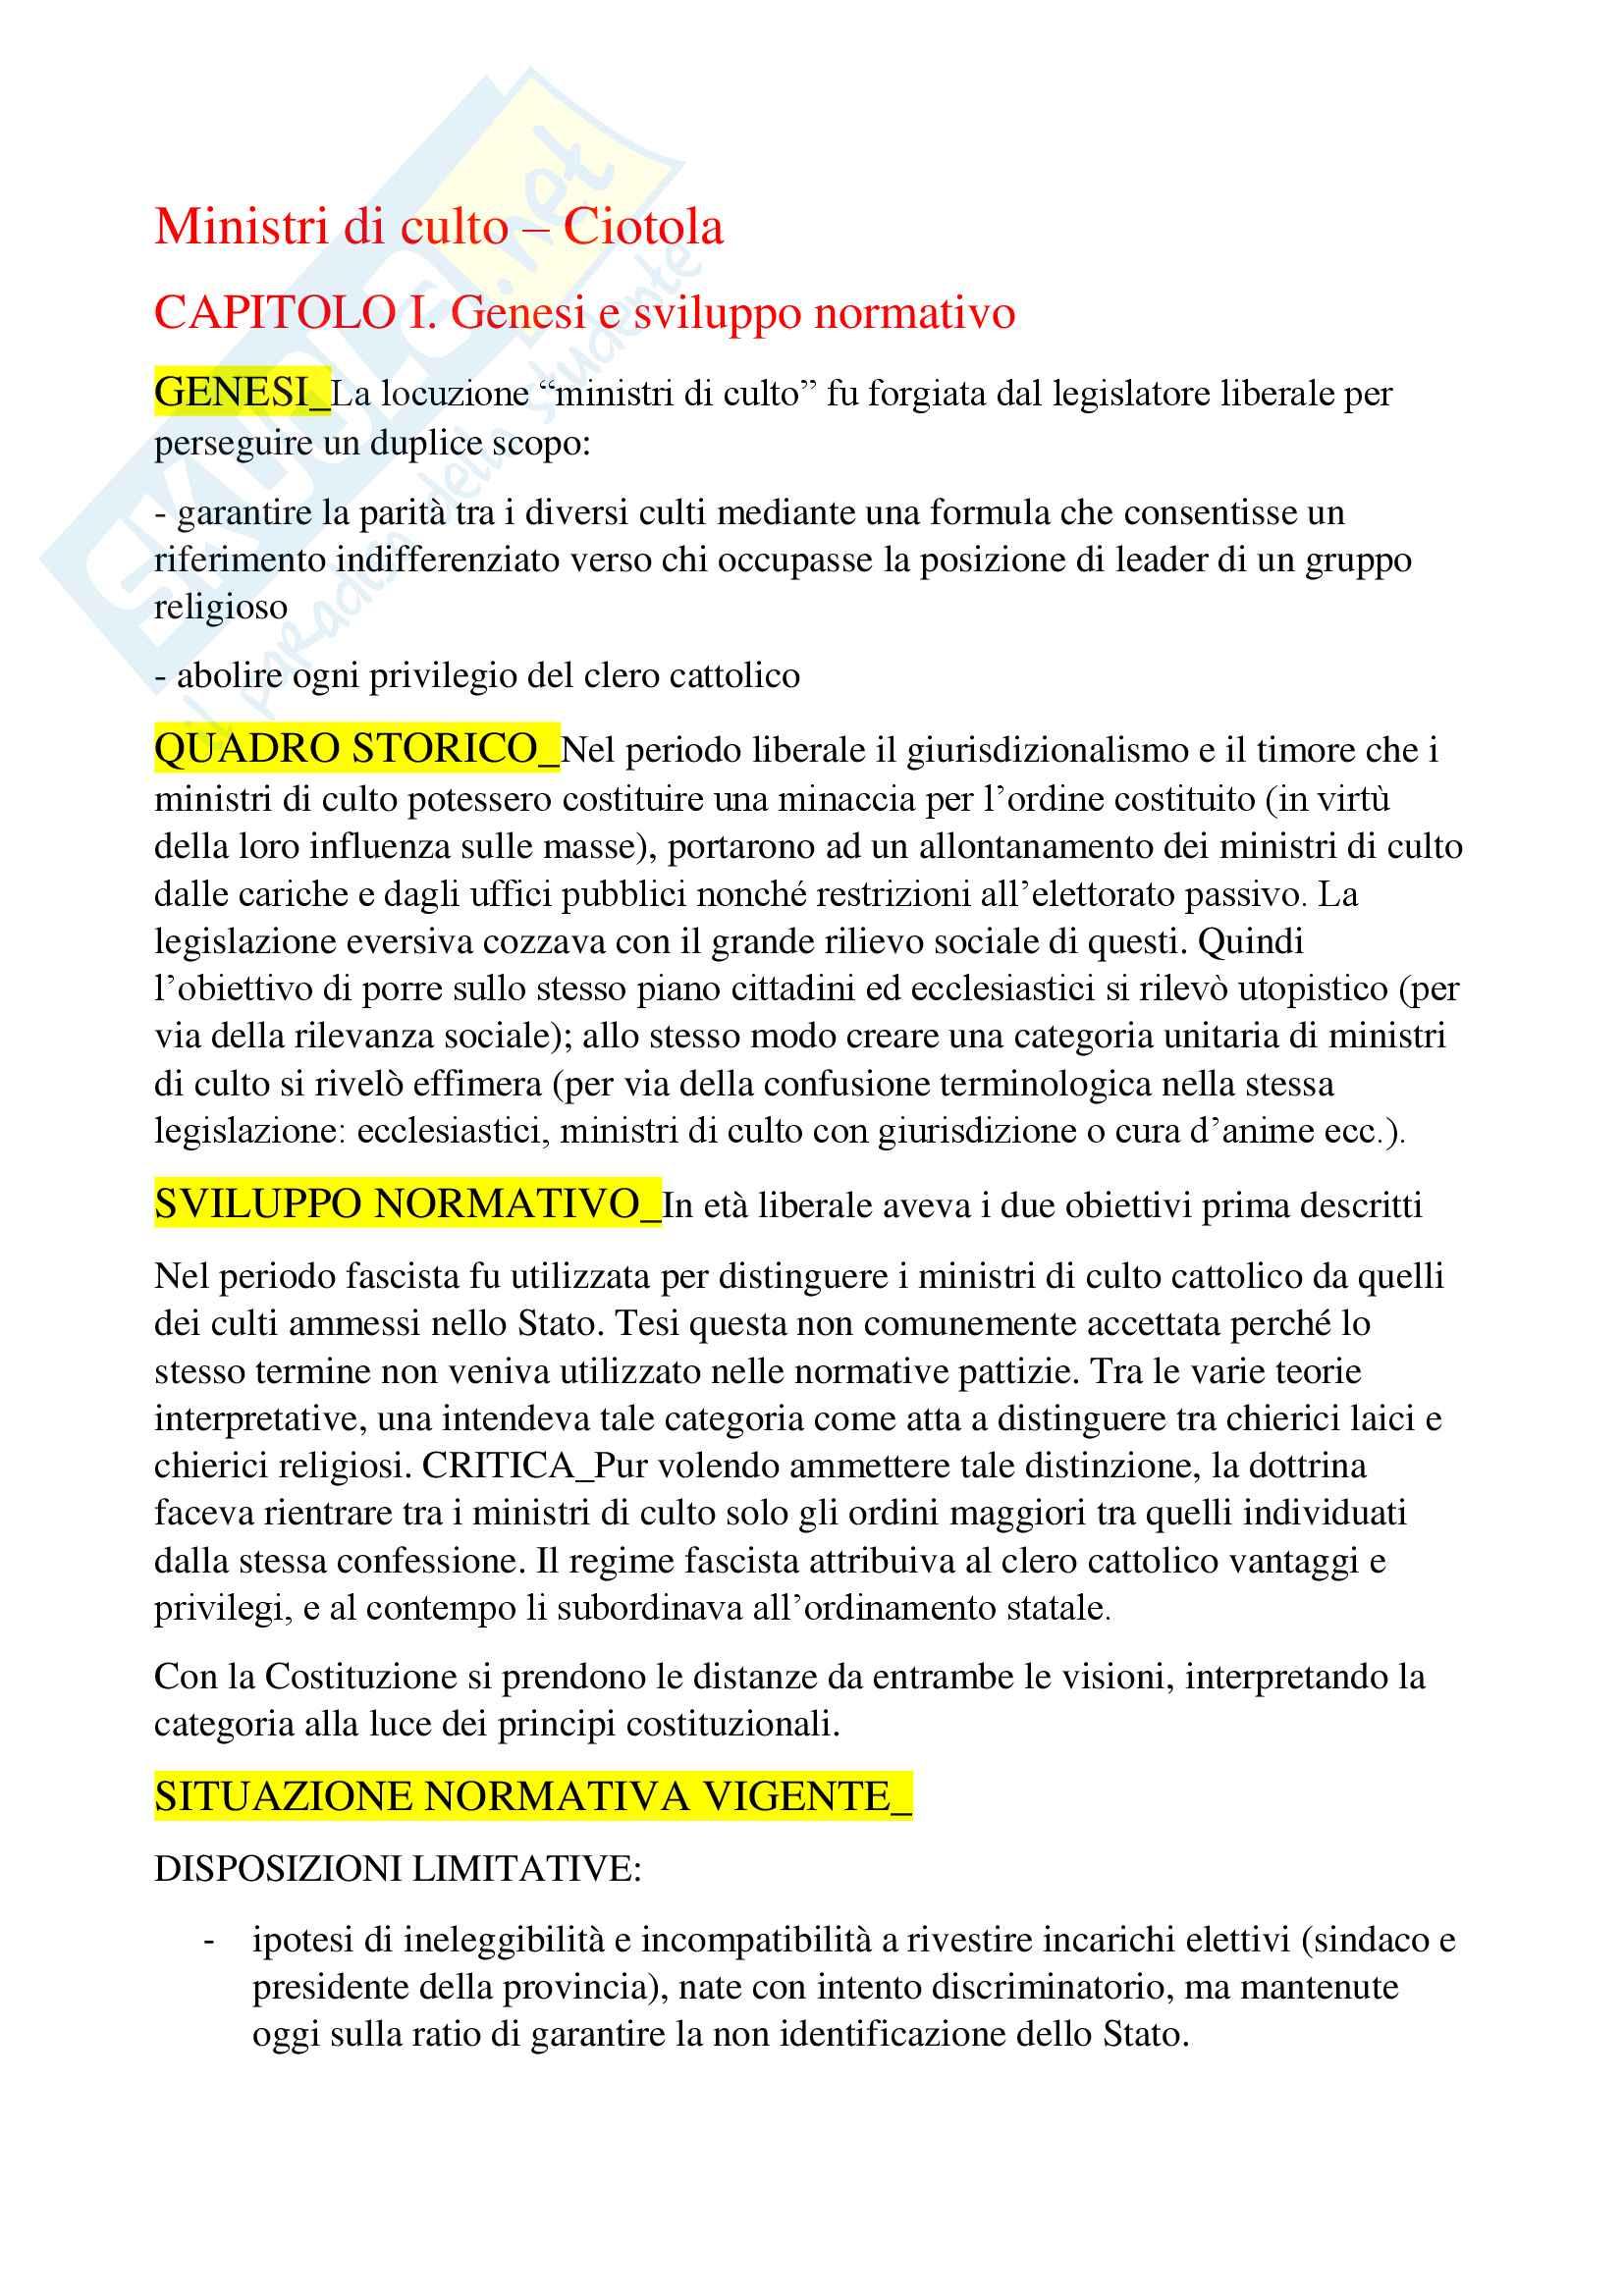 Riassunto esame Diritto ecclesiastico, prof. Guarino, libro consigliato per la parte speciale Ministri di culto di Ciotola